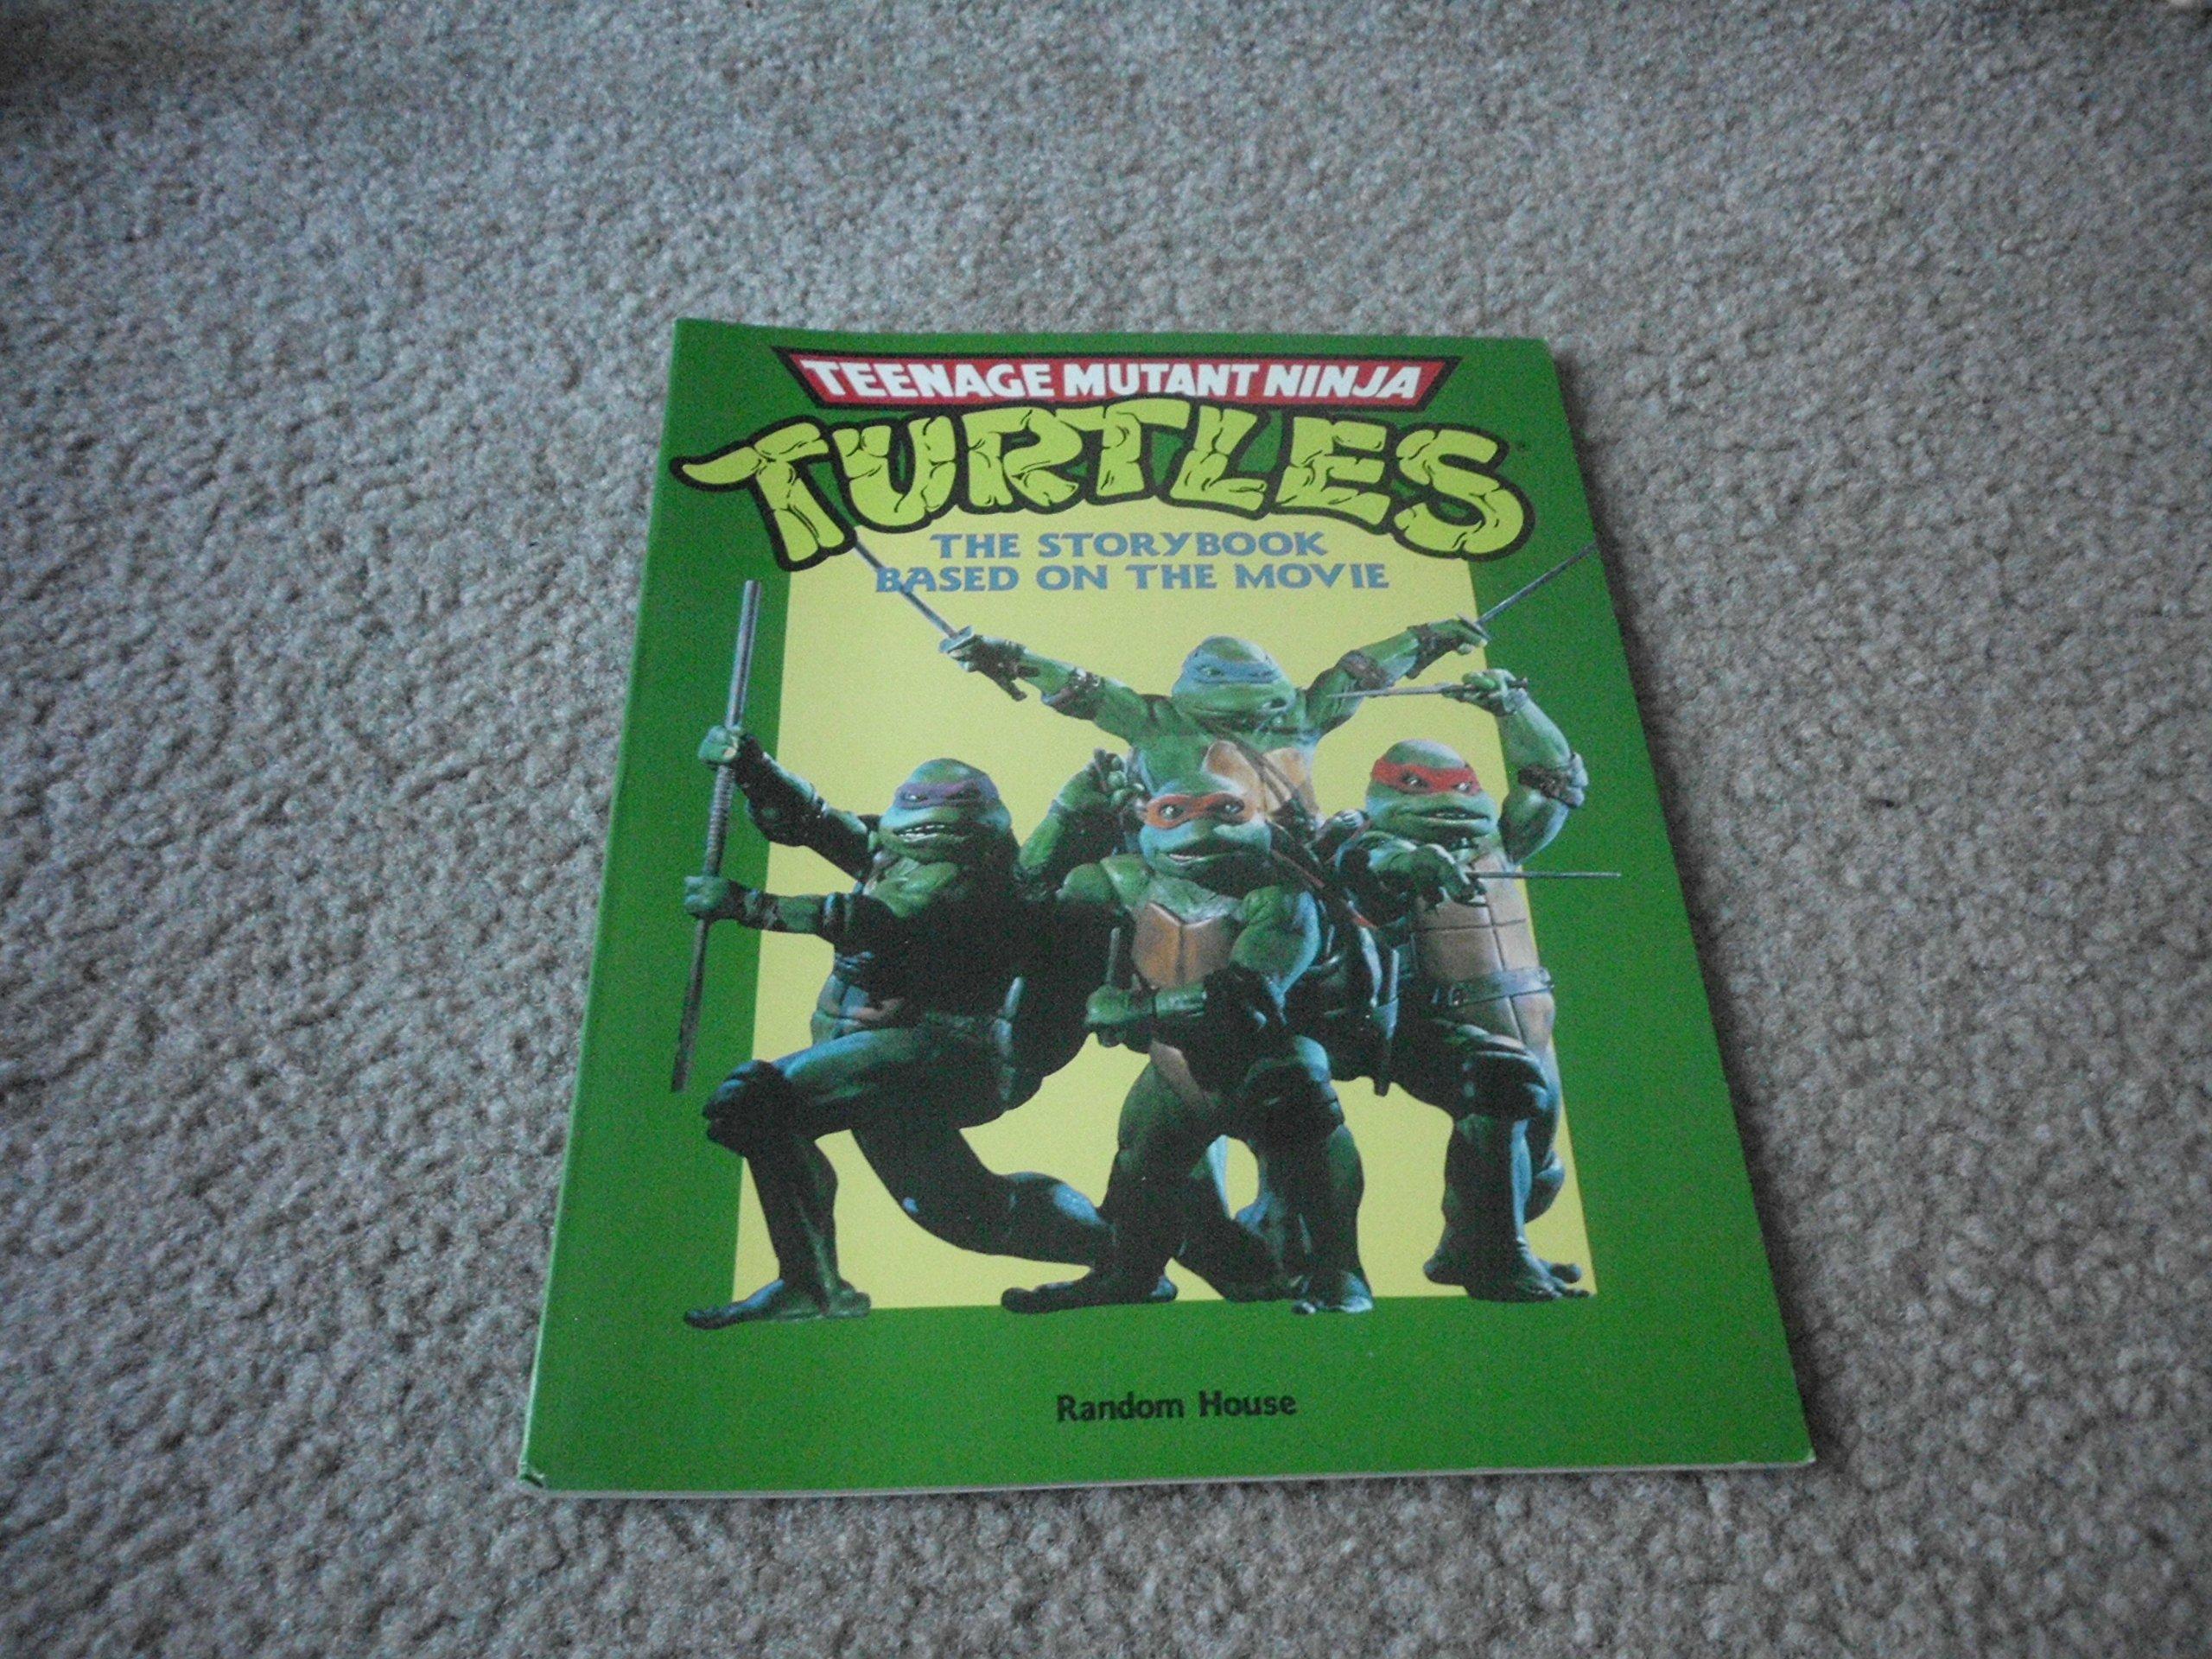 teenage mutant ninja turtles storybook based on the movie ...